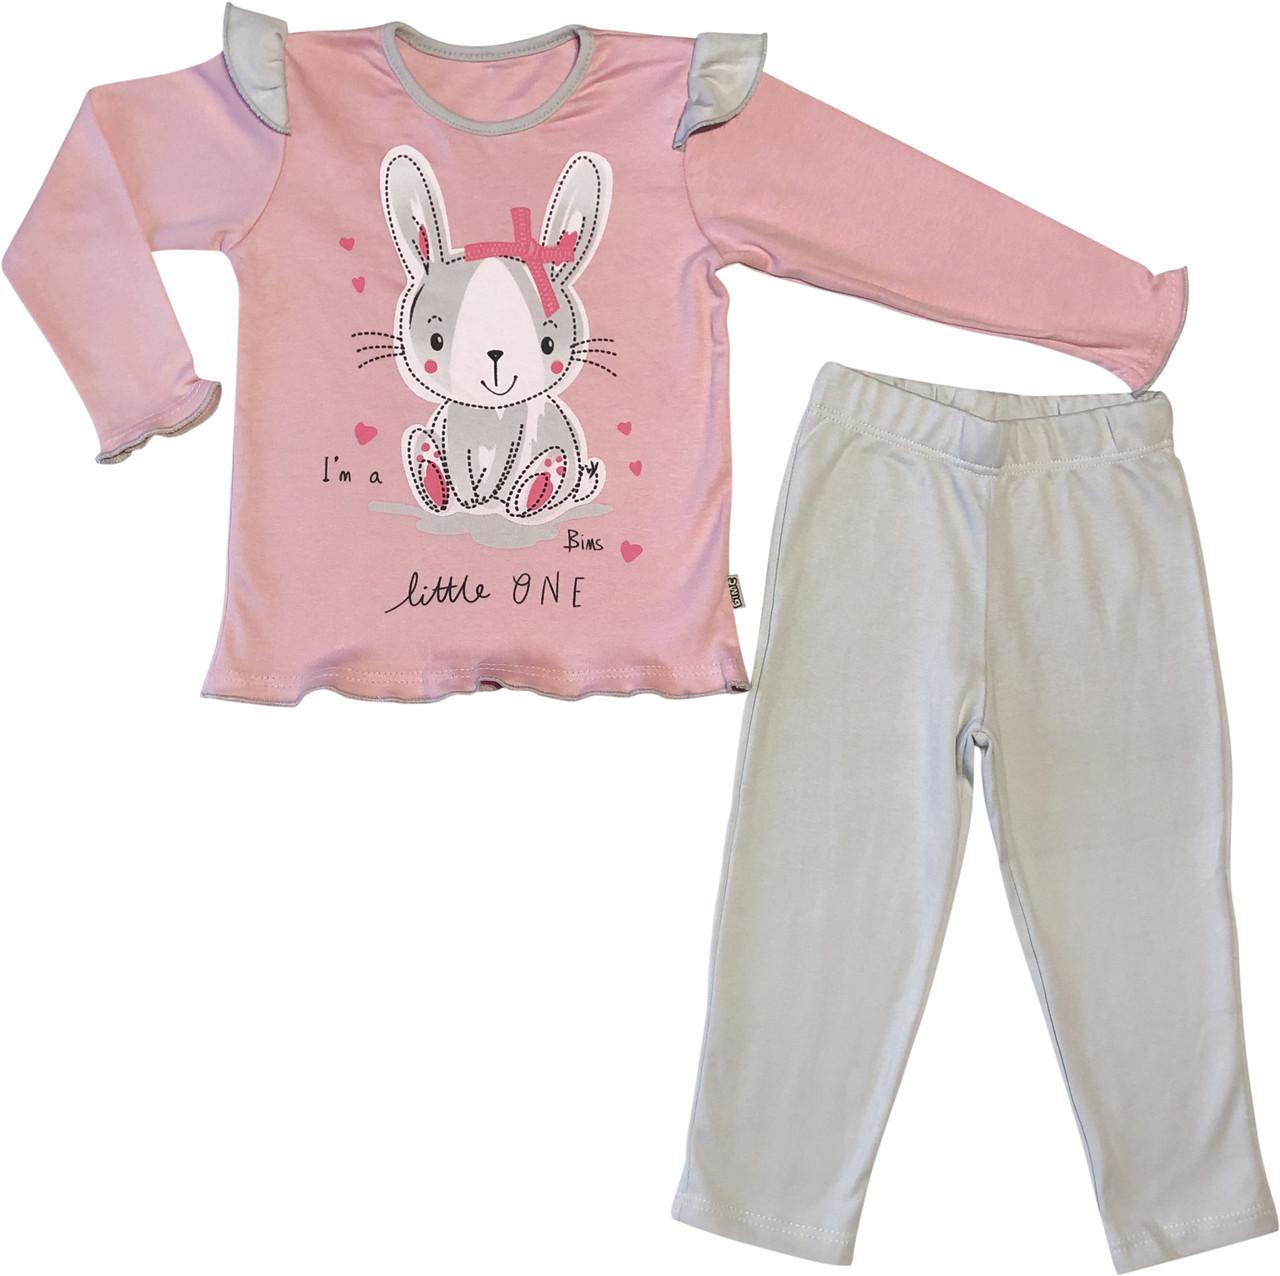 Дитяча піжама ріст 86 1 рік-1,5 року інтерлок рожевий на дівчинку для малюків Р-086